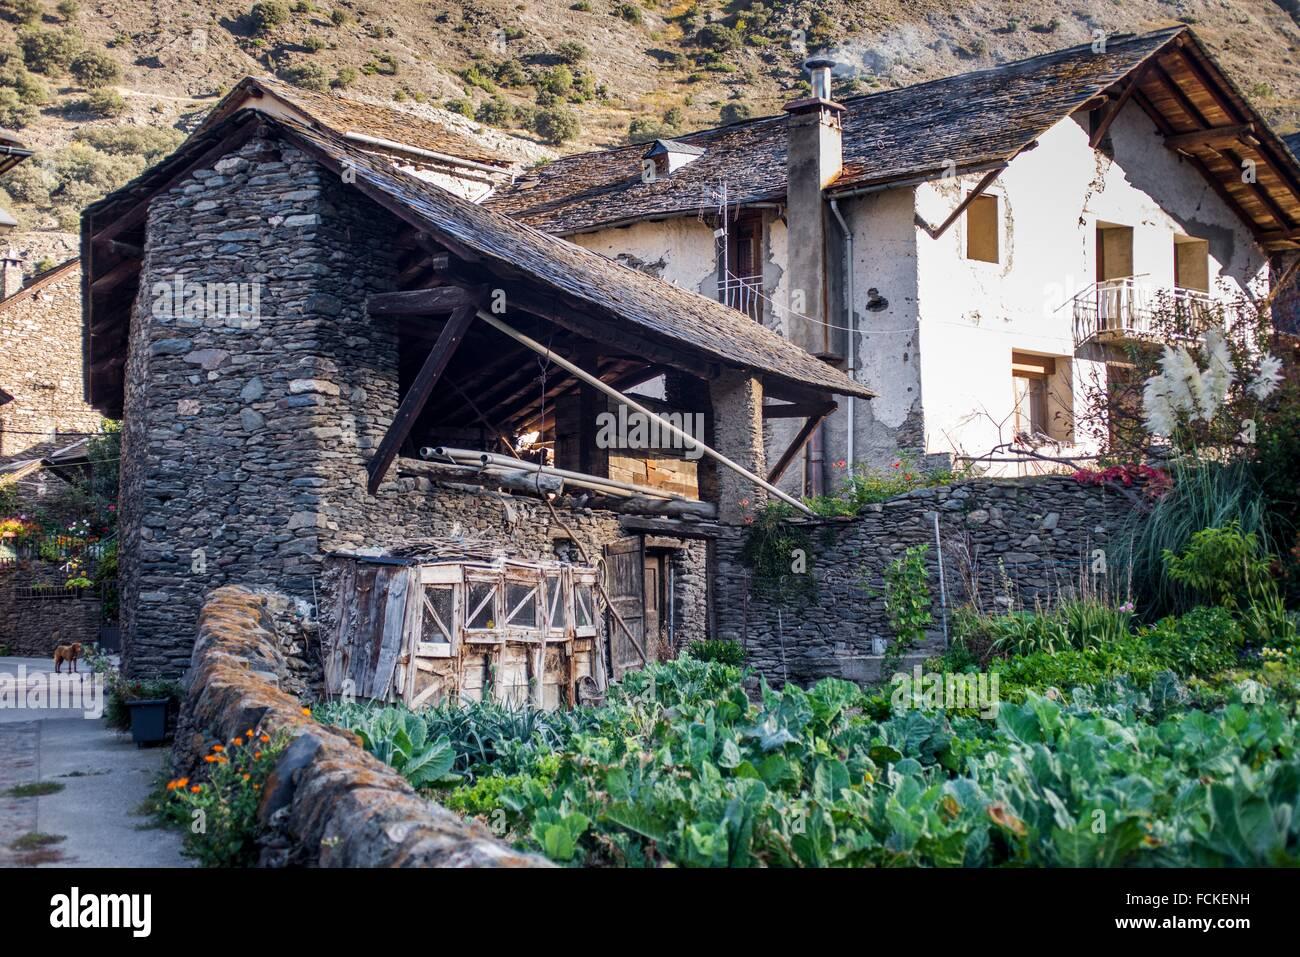 Arròs de Cardós, Pallars Sobirà, Lerida, Catalonia, Spain. Stock Photo